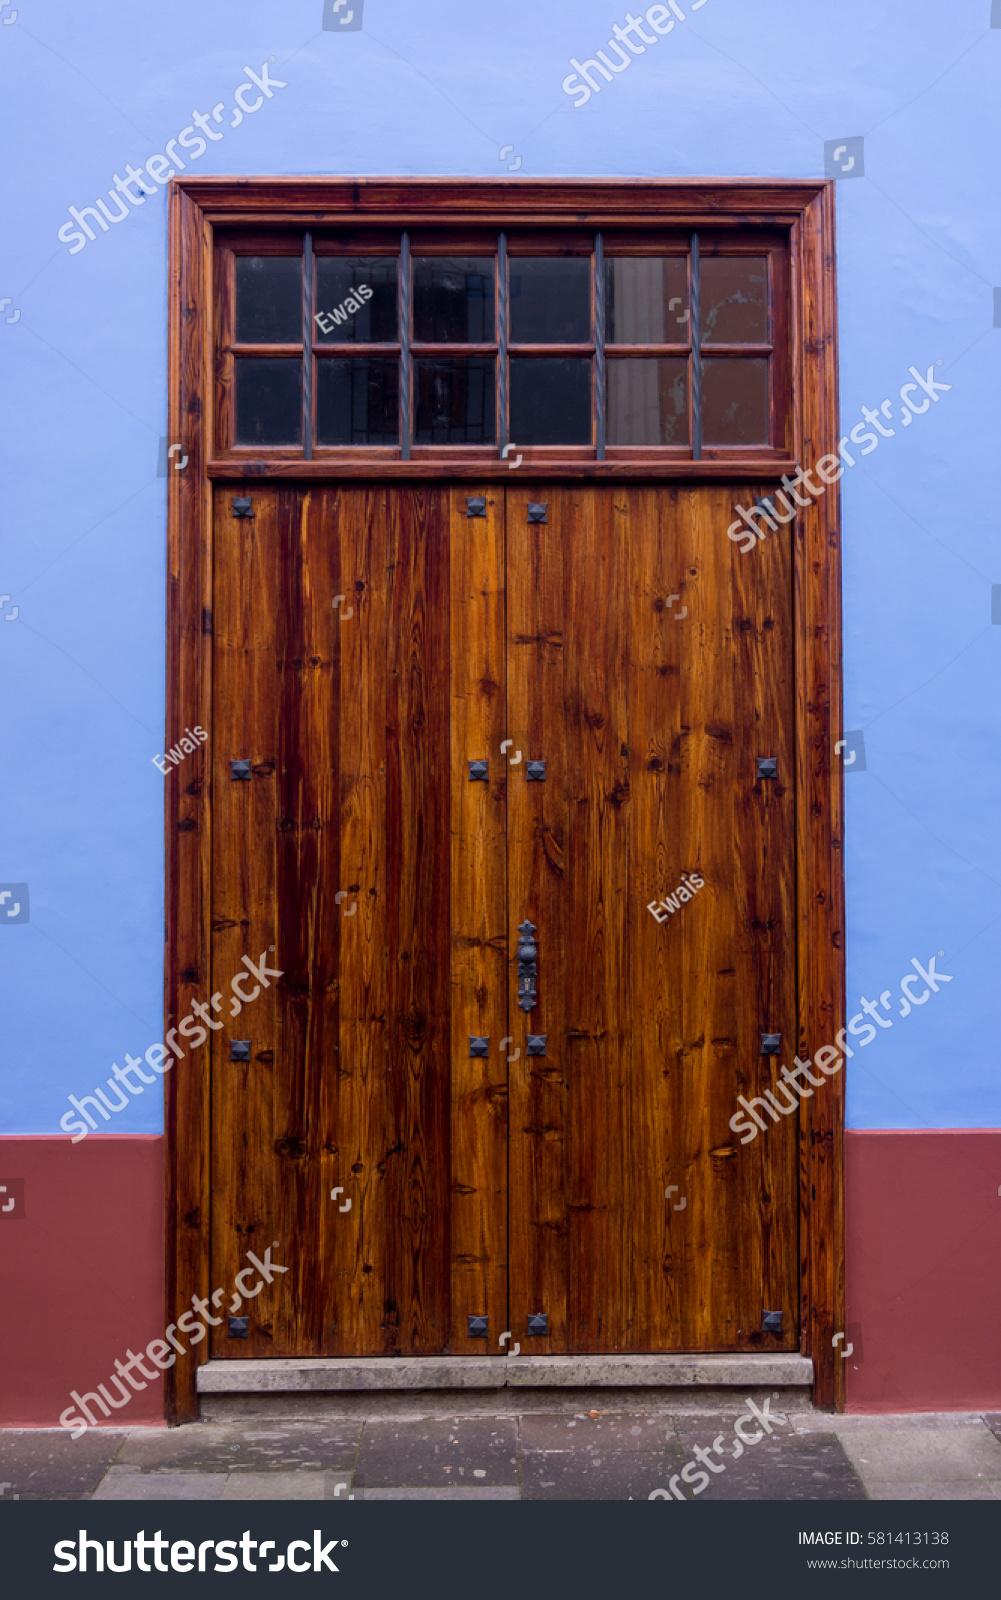 Wood Door Antique Wooden Door Stock Photo 581413138 - Shutterstock